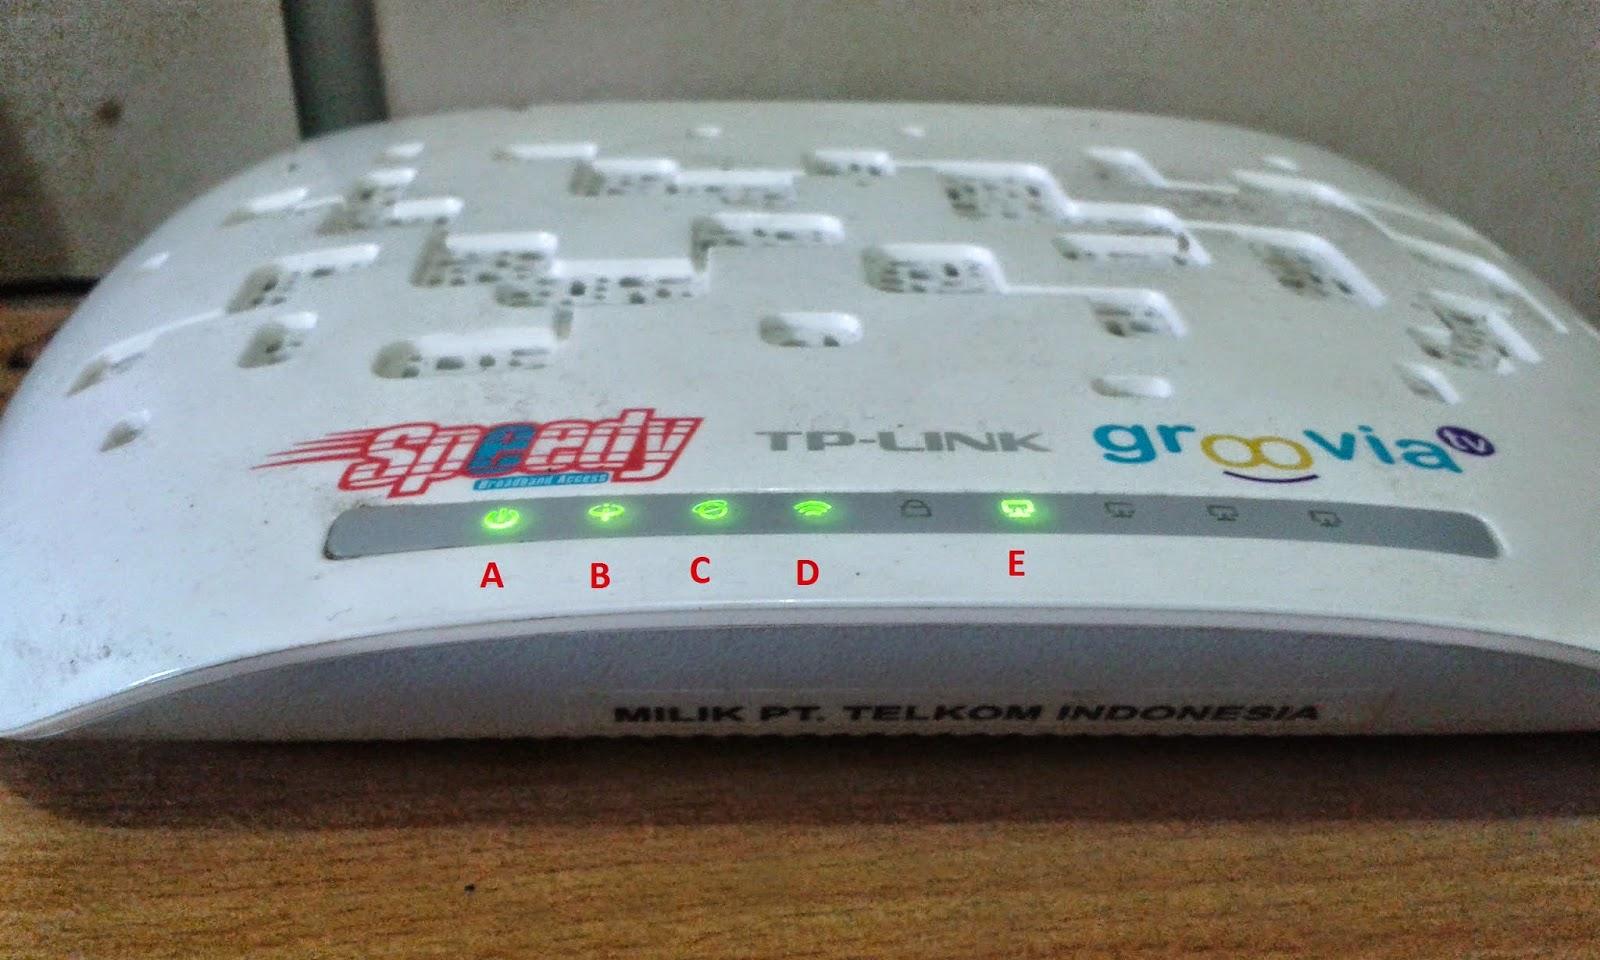 Cara Mengatasi Koneksi Internet Mati Pada Modem Speedy TP LINK TD-W8951ND